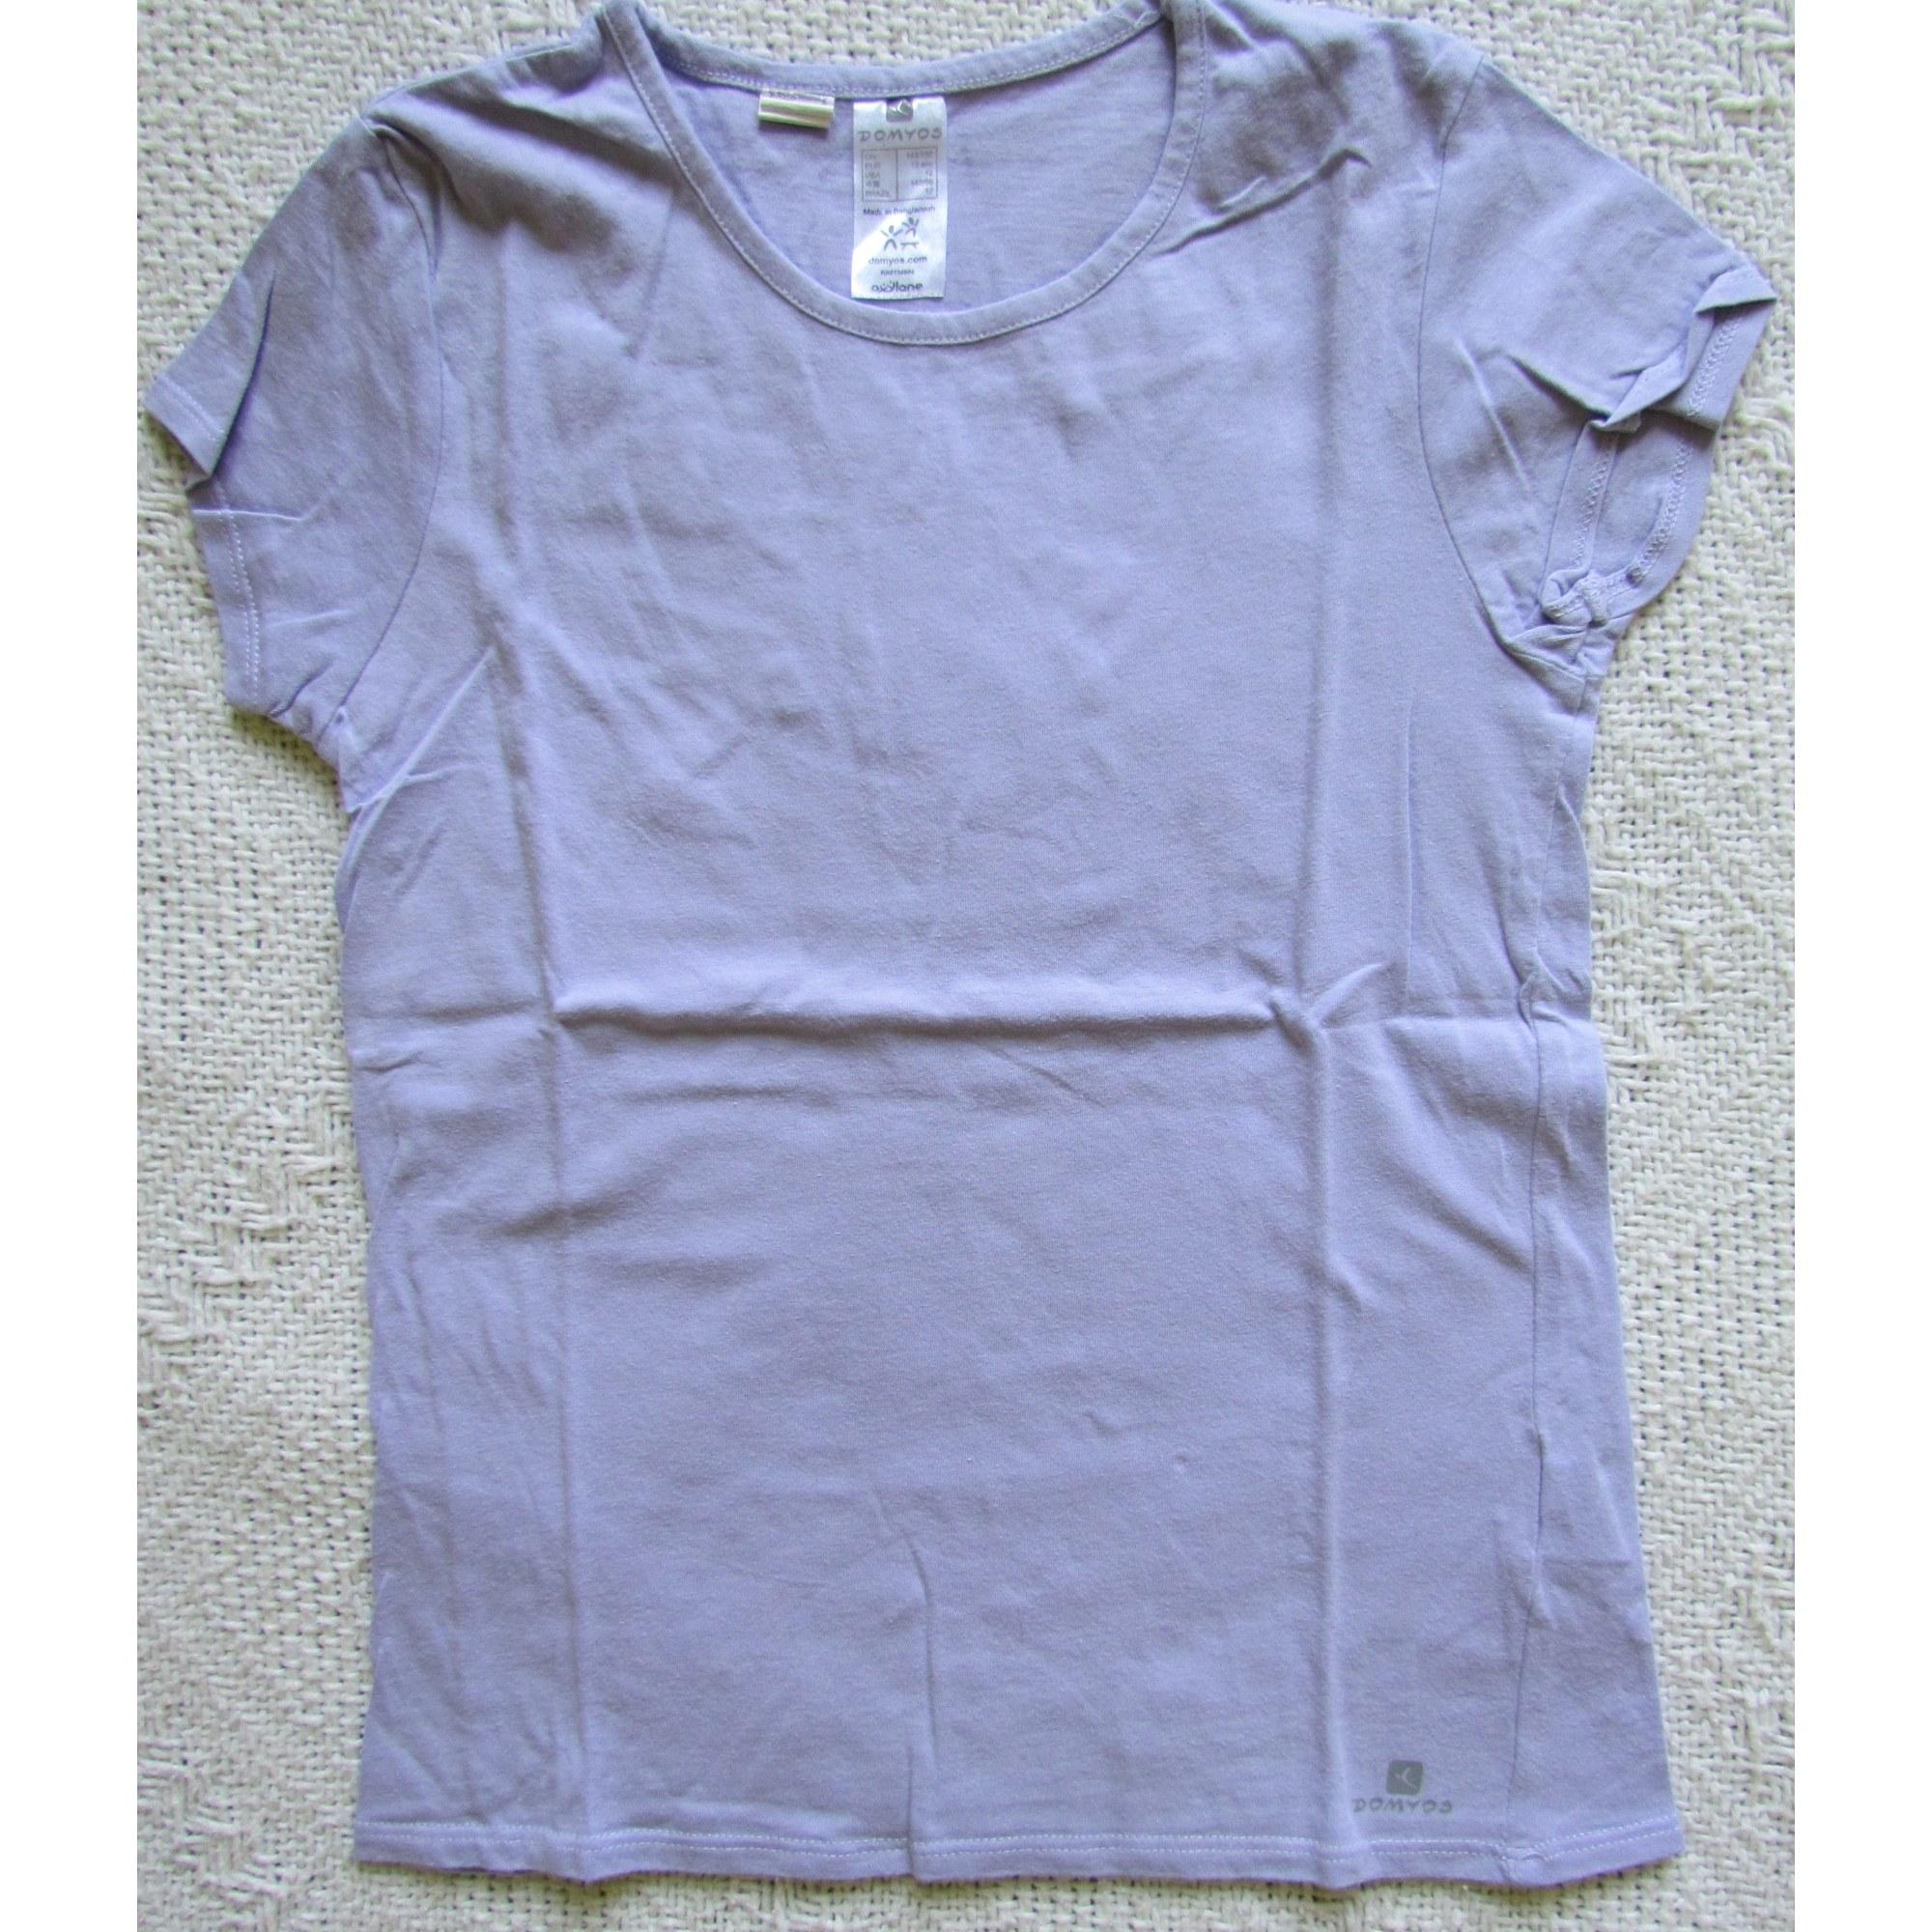 Top, Tee-shirt DOMYOS Violet, mauve, lavande